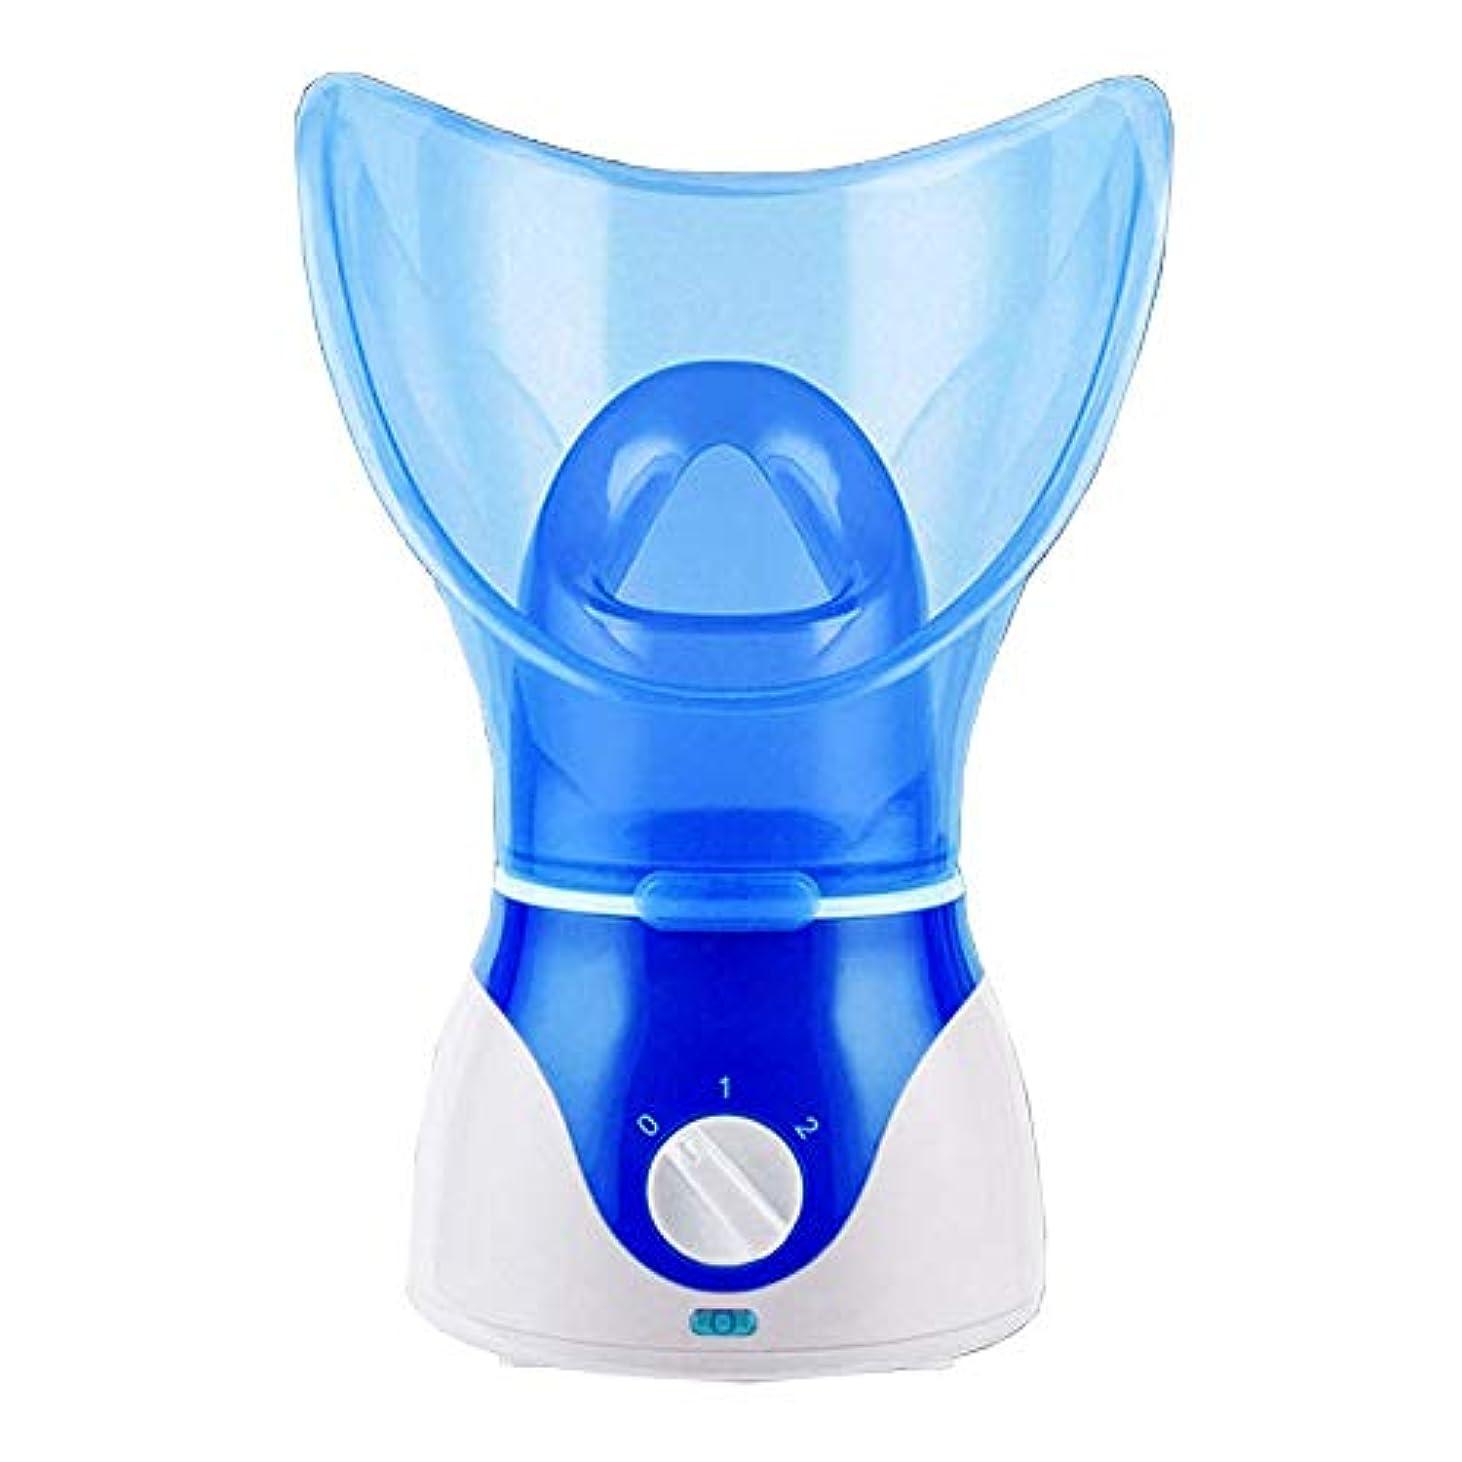 蚊書士相反するYalztc-zyq16 解毒の若返りのナノ汽船の美の器械の顔の加湿器、紫色を白くする携帯用再充電可能な蒸気の顔の水和のスプレーヤー (Color : Blue)